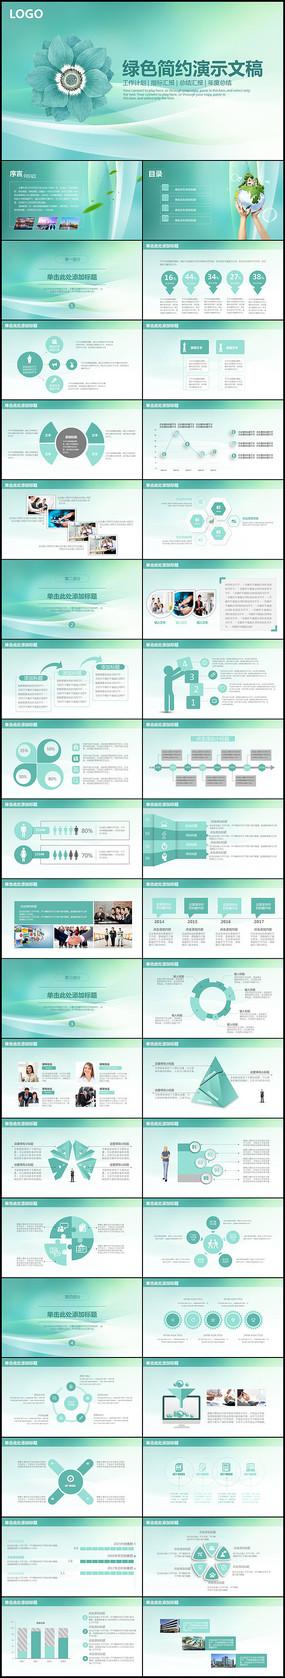 2017工作计划营销计划策划方案PPT